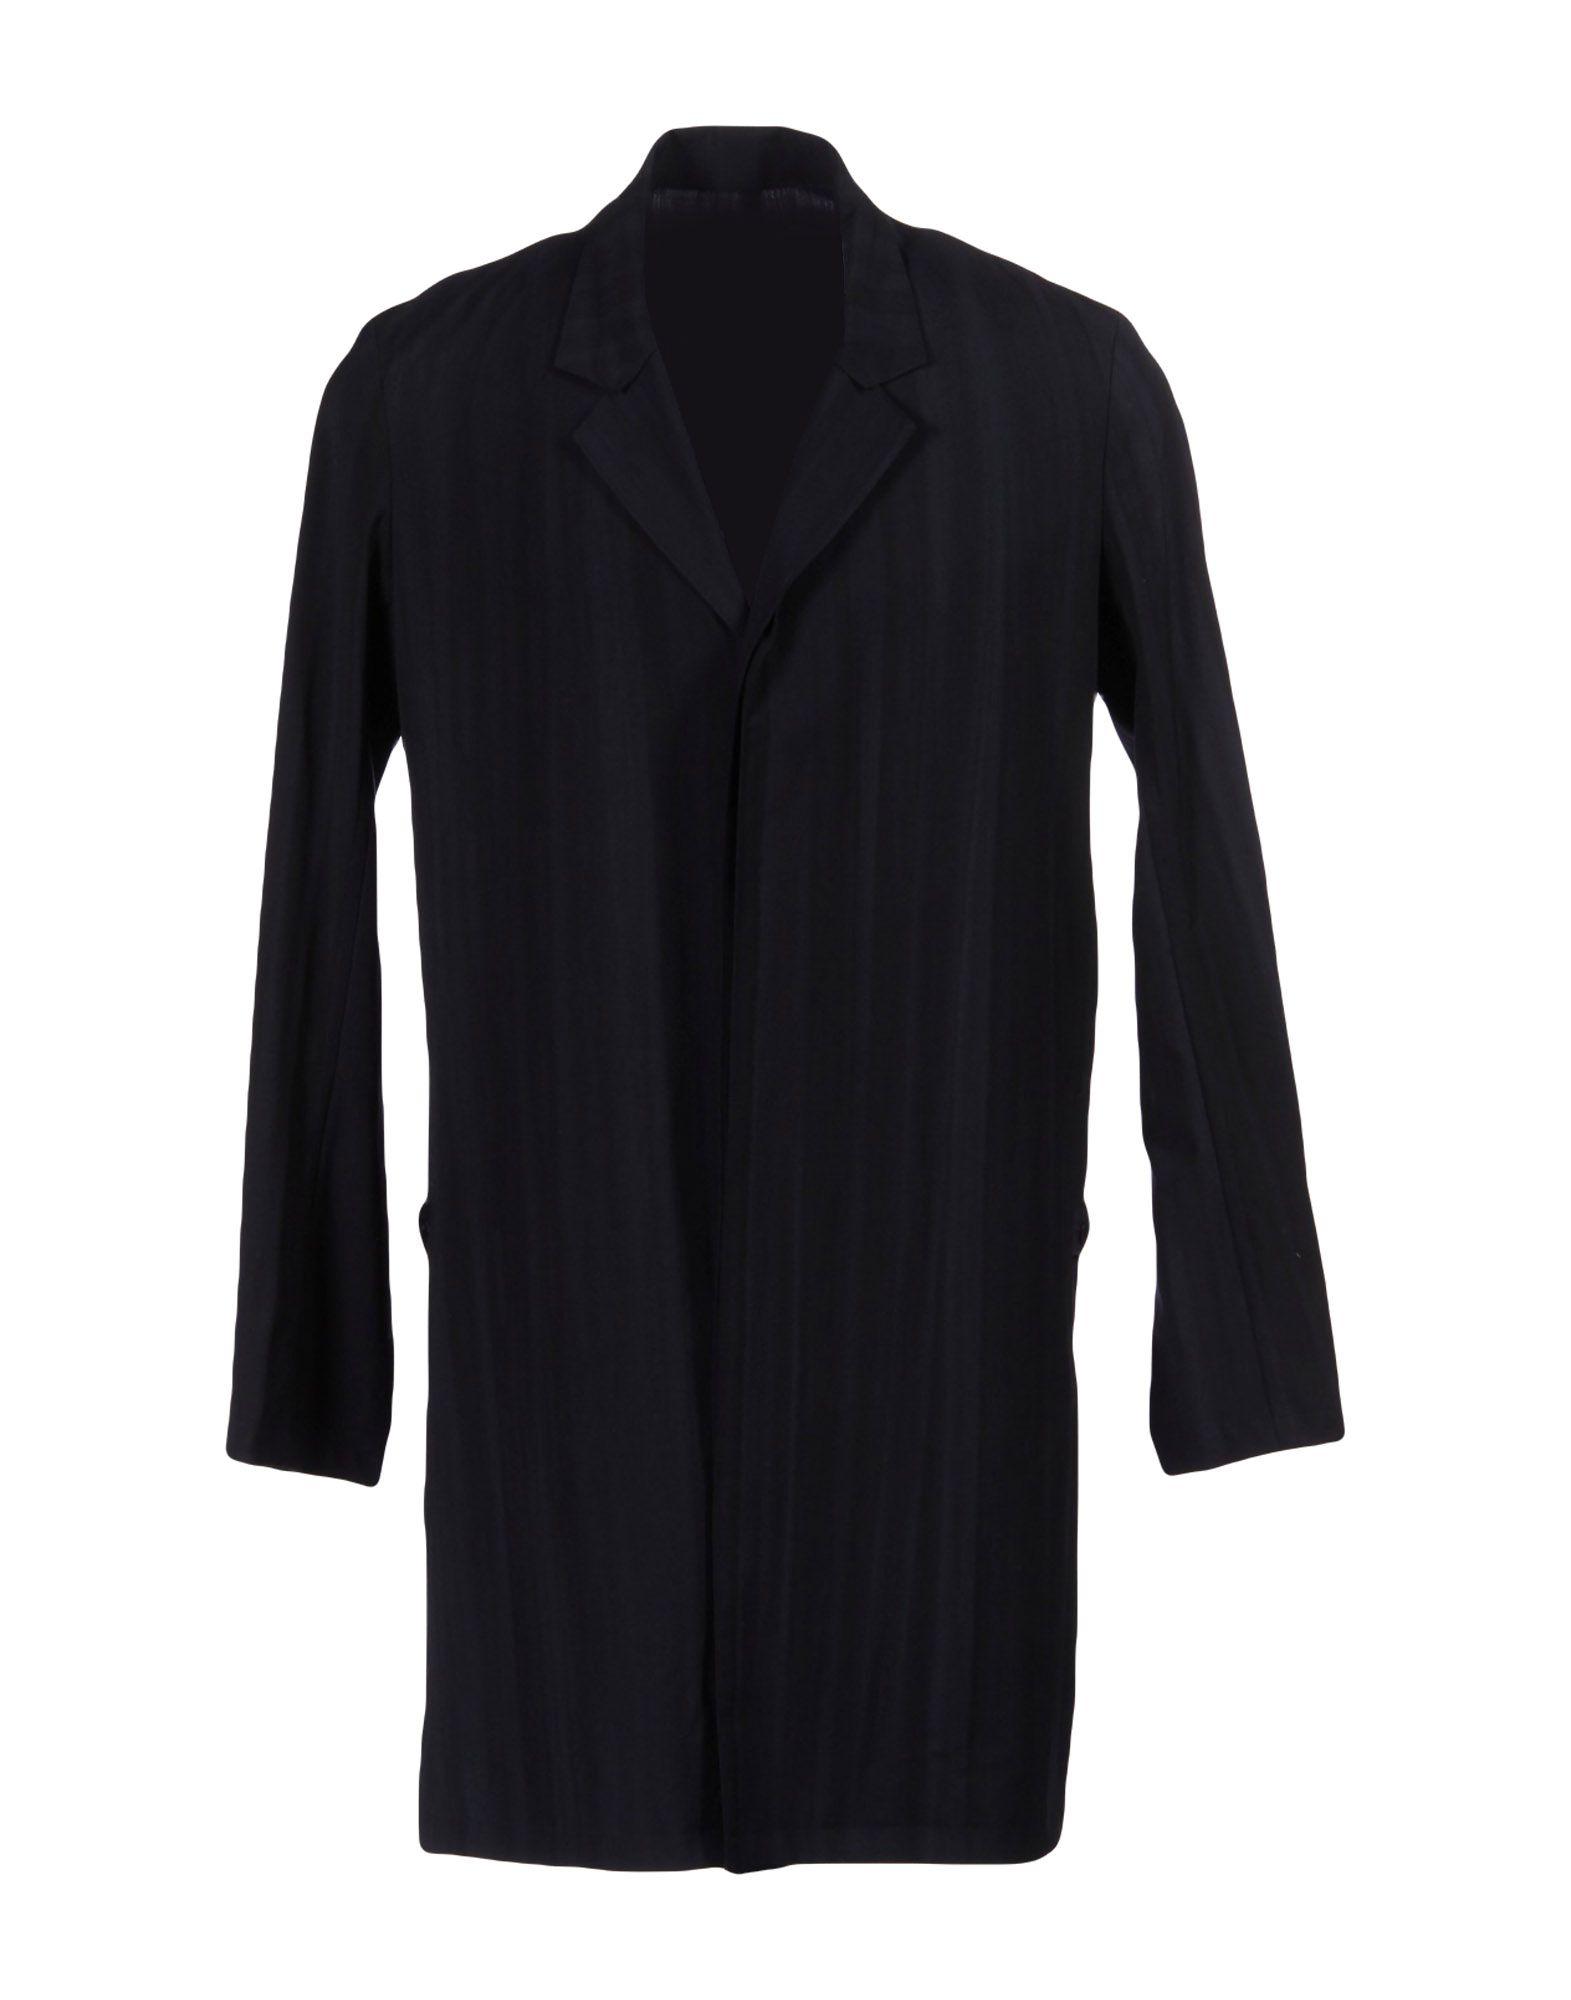 TILLMANN LAUTERBACH Full-Length Jacket in Dark Blue